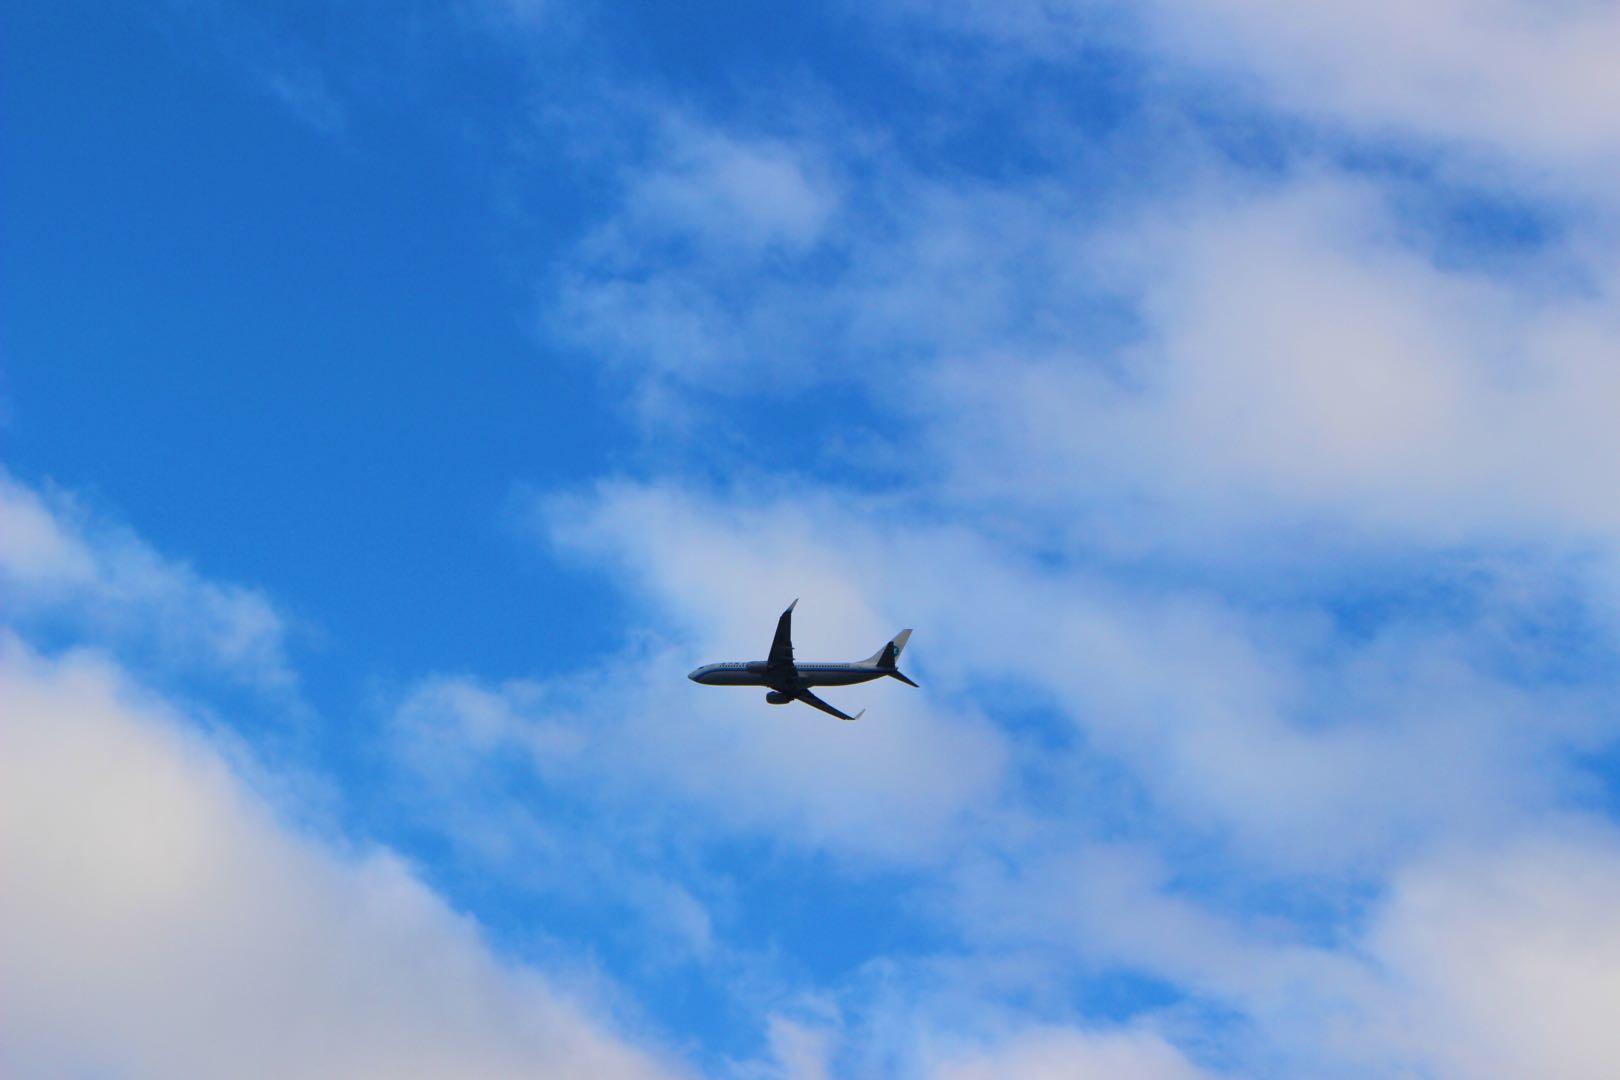 航空工业论坛十周年-西安,报名通道即将关闭!